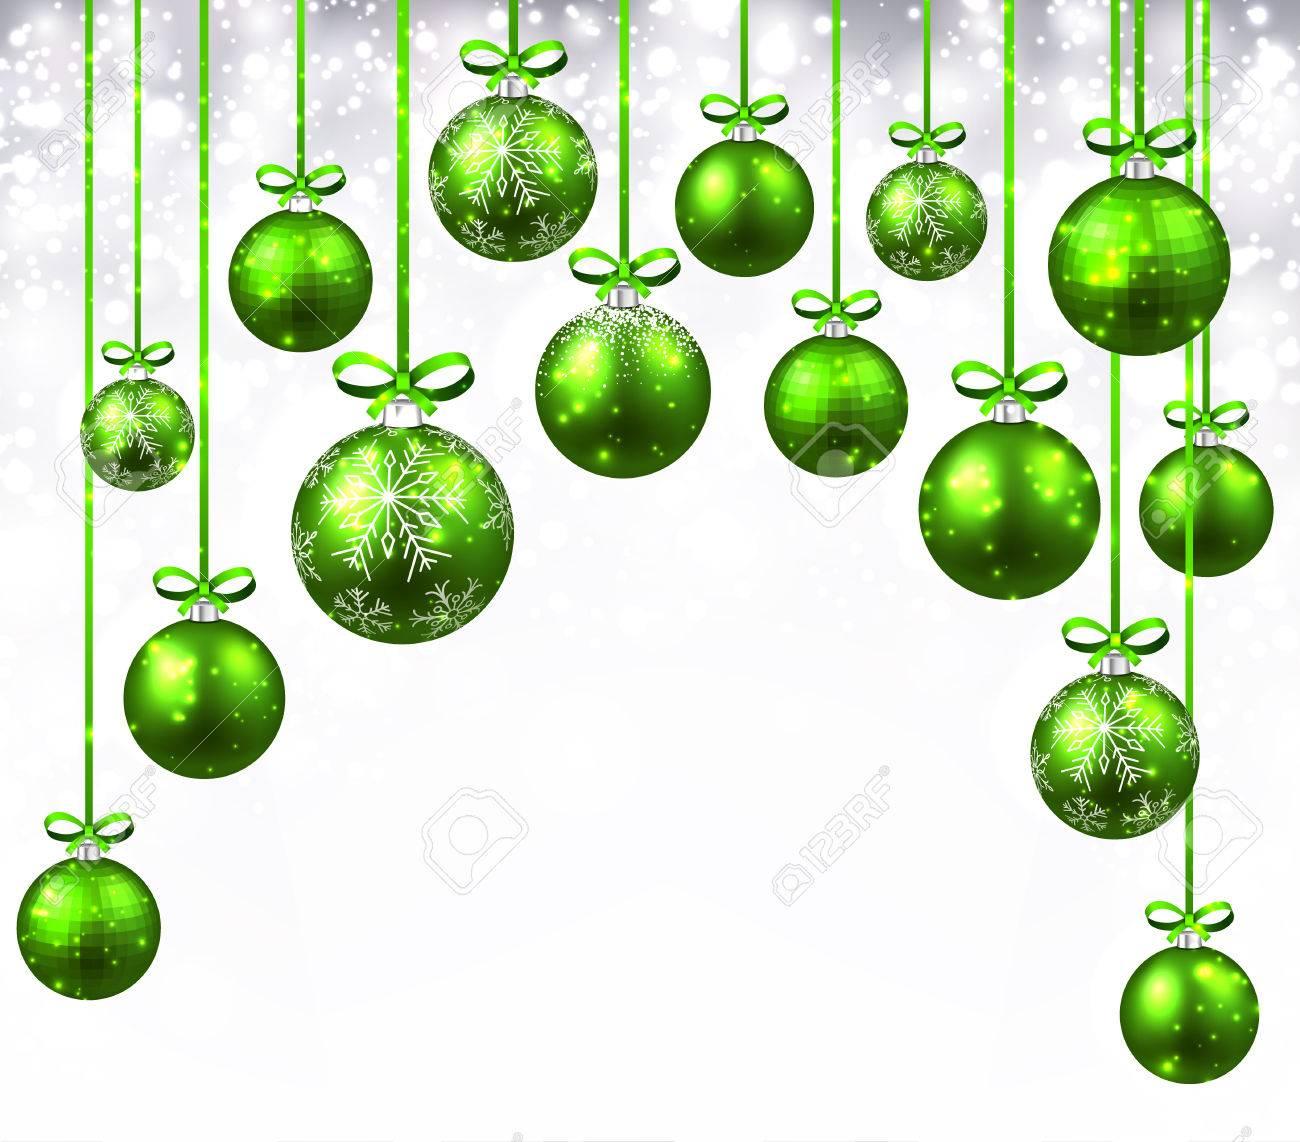 315f6c9c49cf7 Fondo de año nuevo con bolas de Navidad verdes. Ilustración del vector.  Foto de